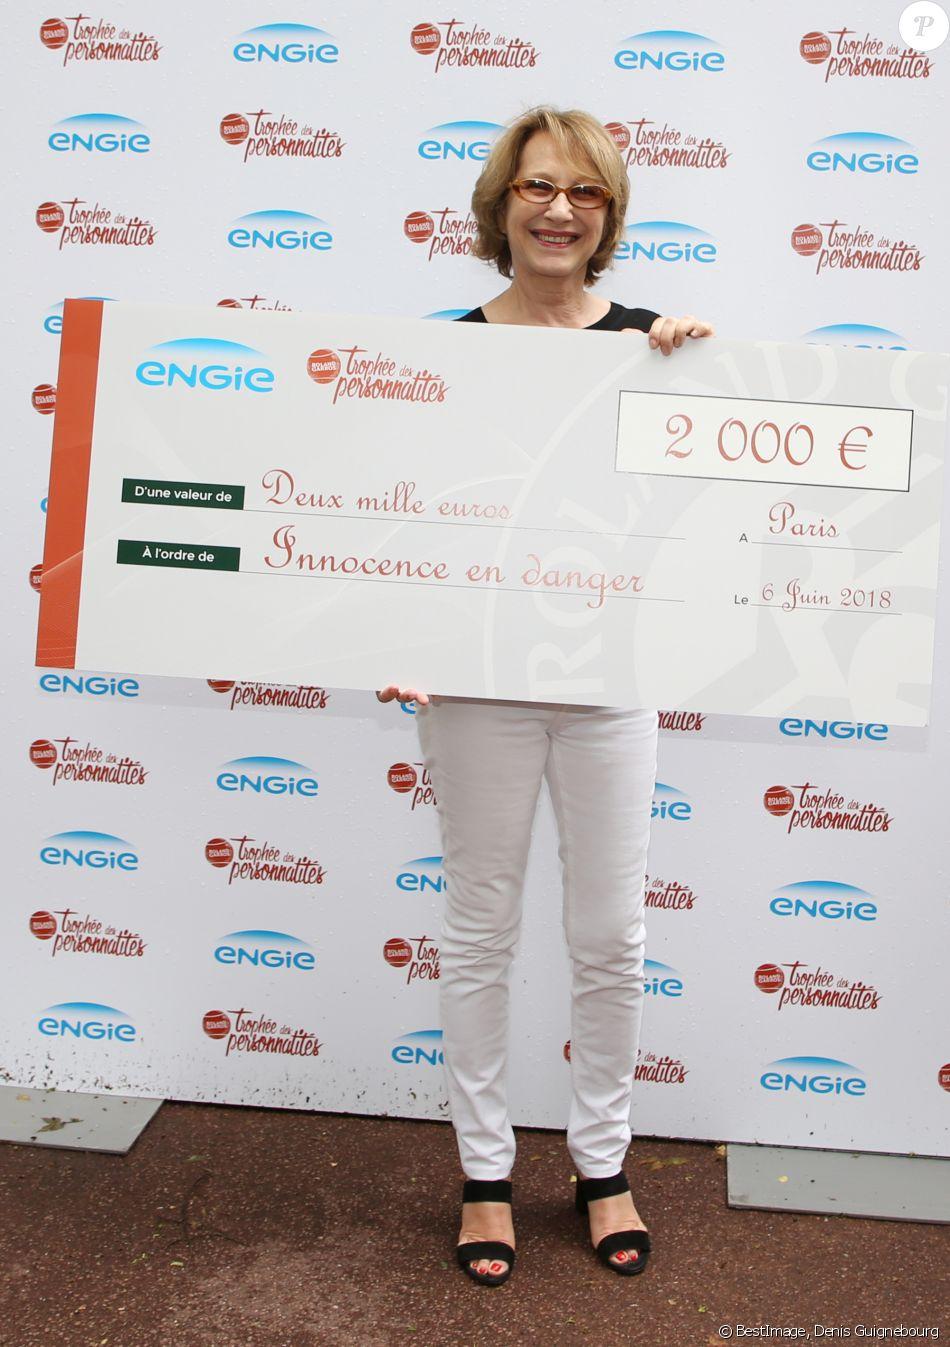 Exclusif - Nathalie Baye - 26ème édition du Trophée des personnalités en marge des Internationaux de Tennis de Roland Garros à Paris. Le 6 juin 2018. © Denis Guignebourg / Bestimage